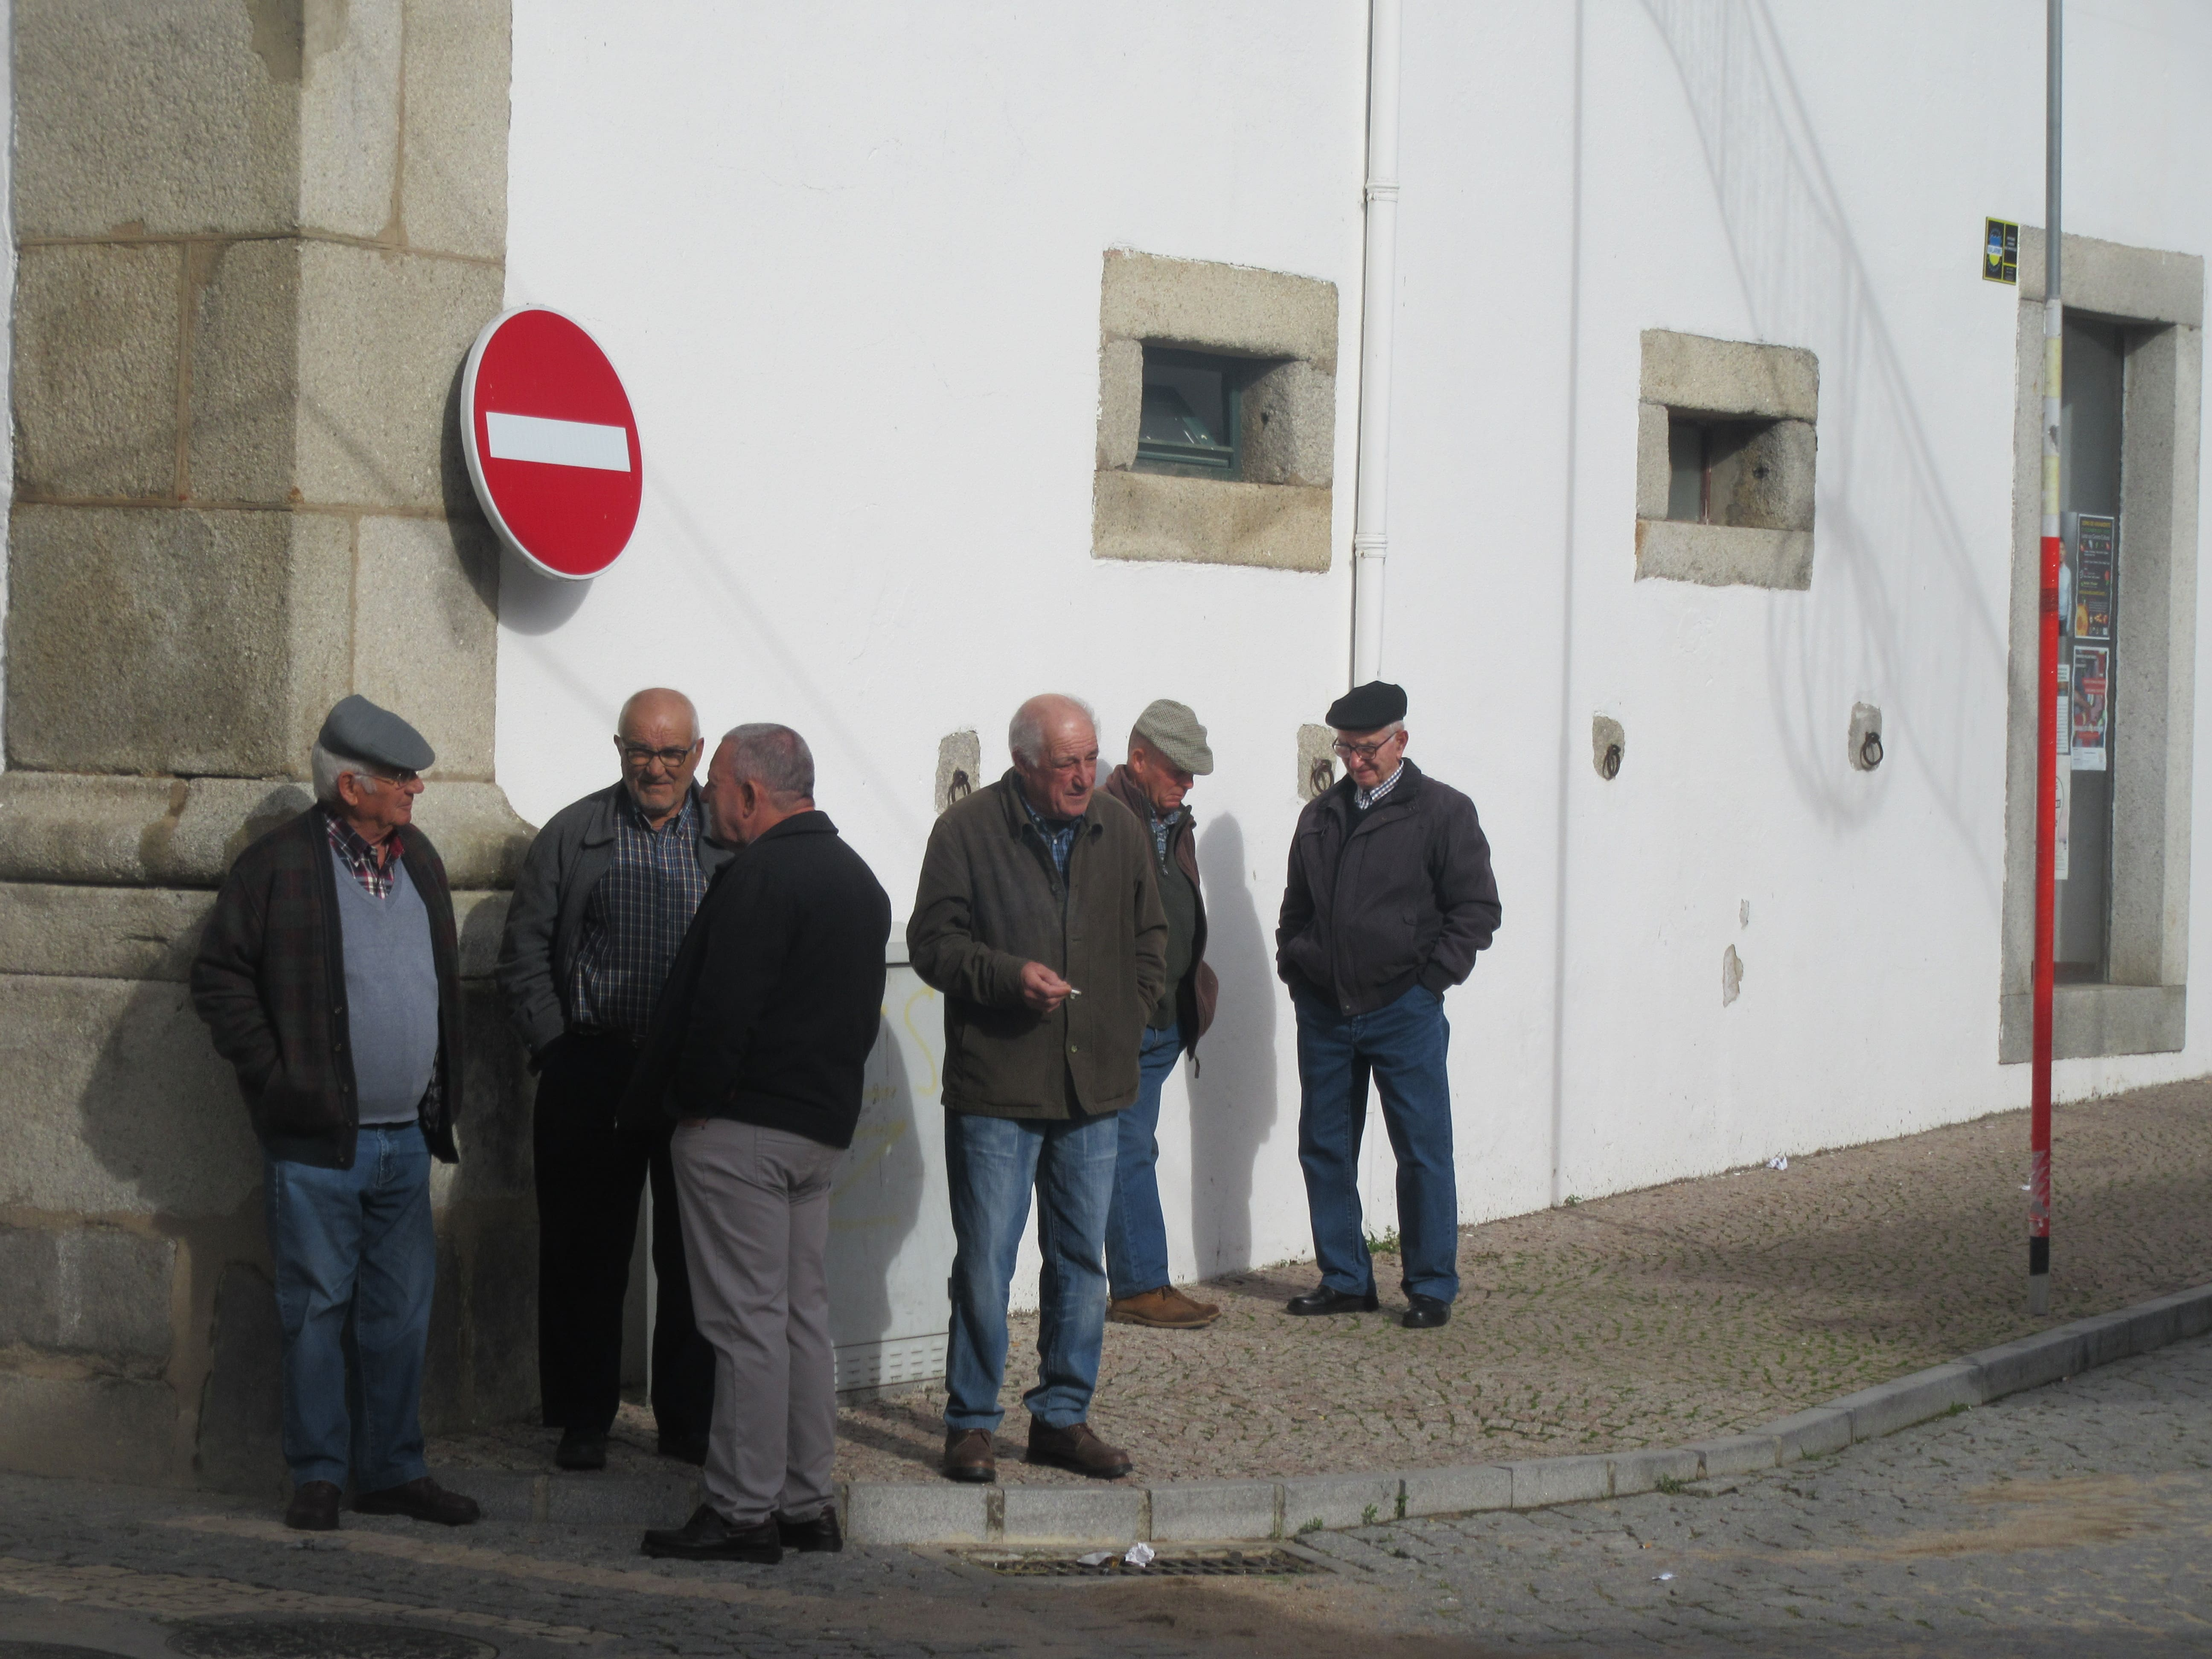 vieillards discutent voyage au Portugal